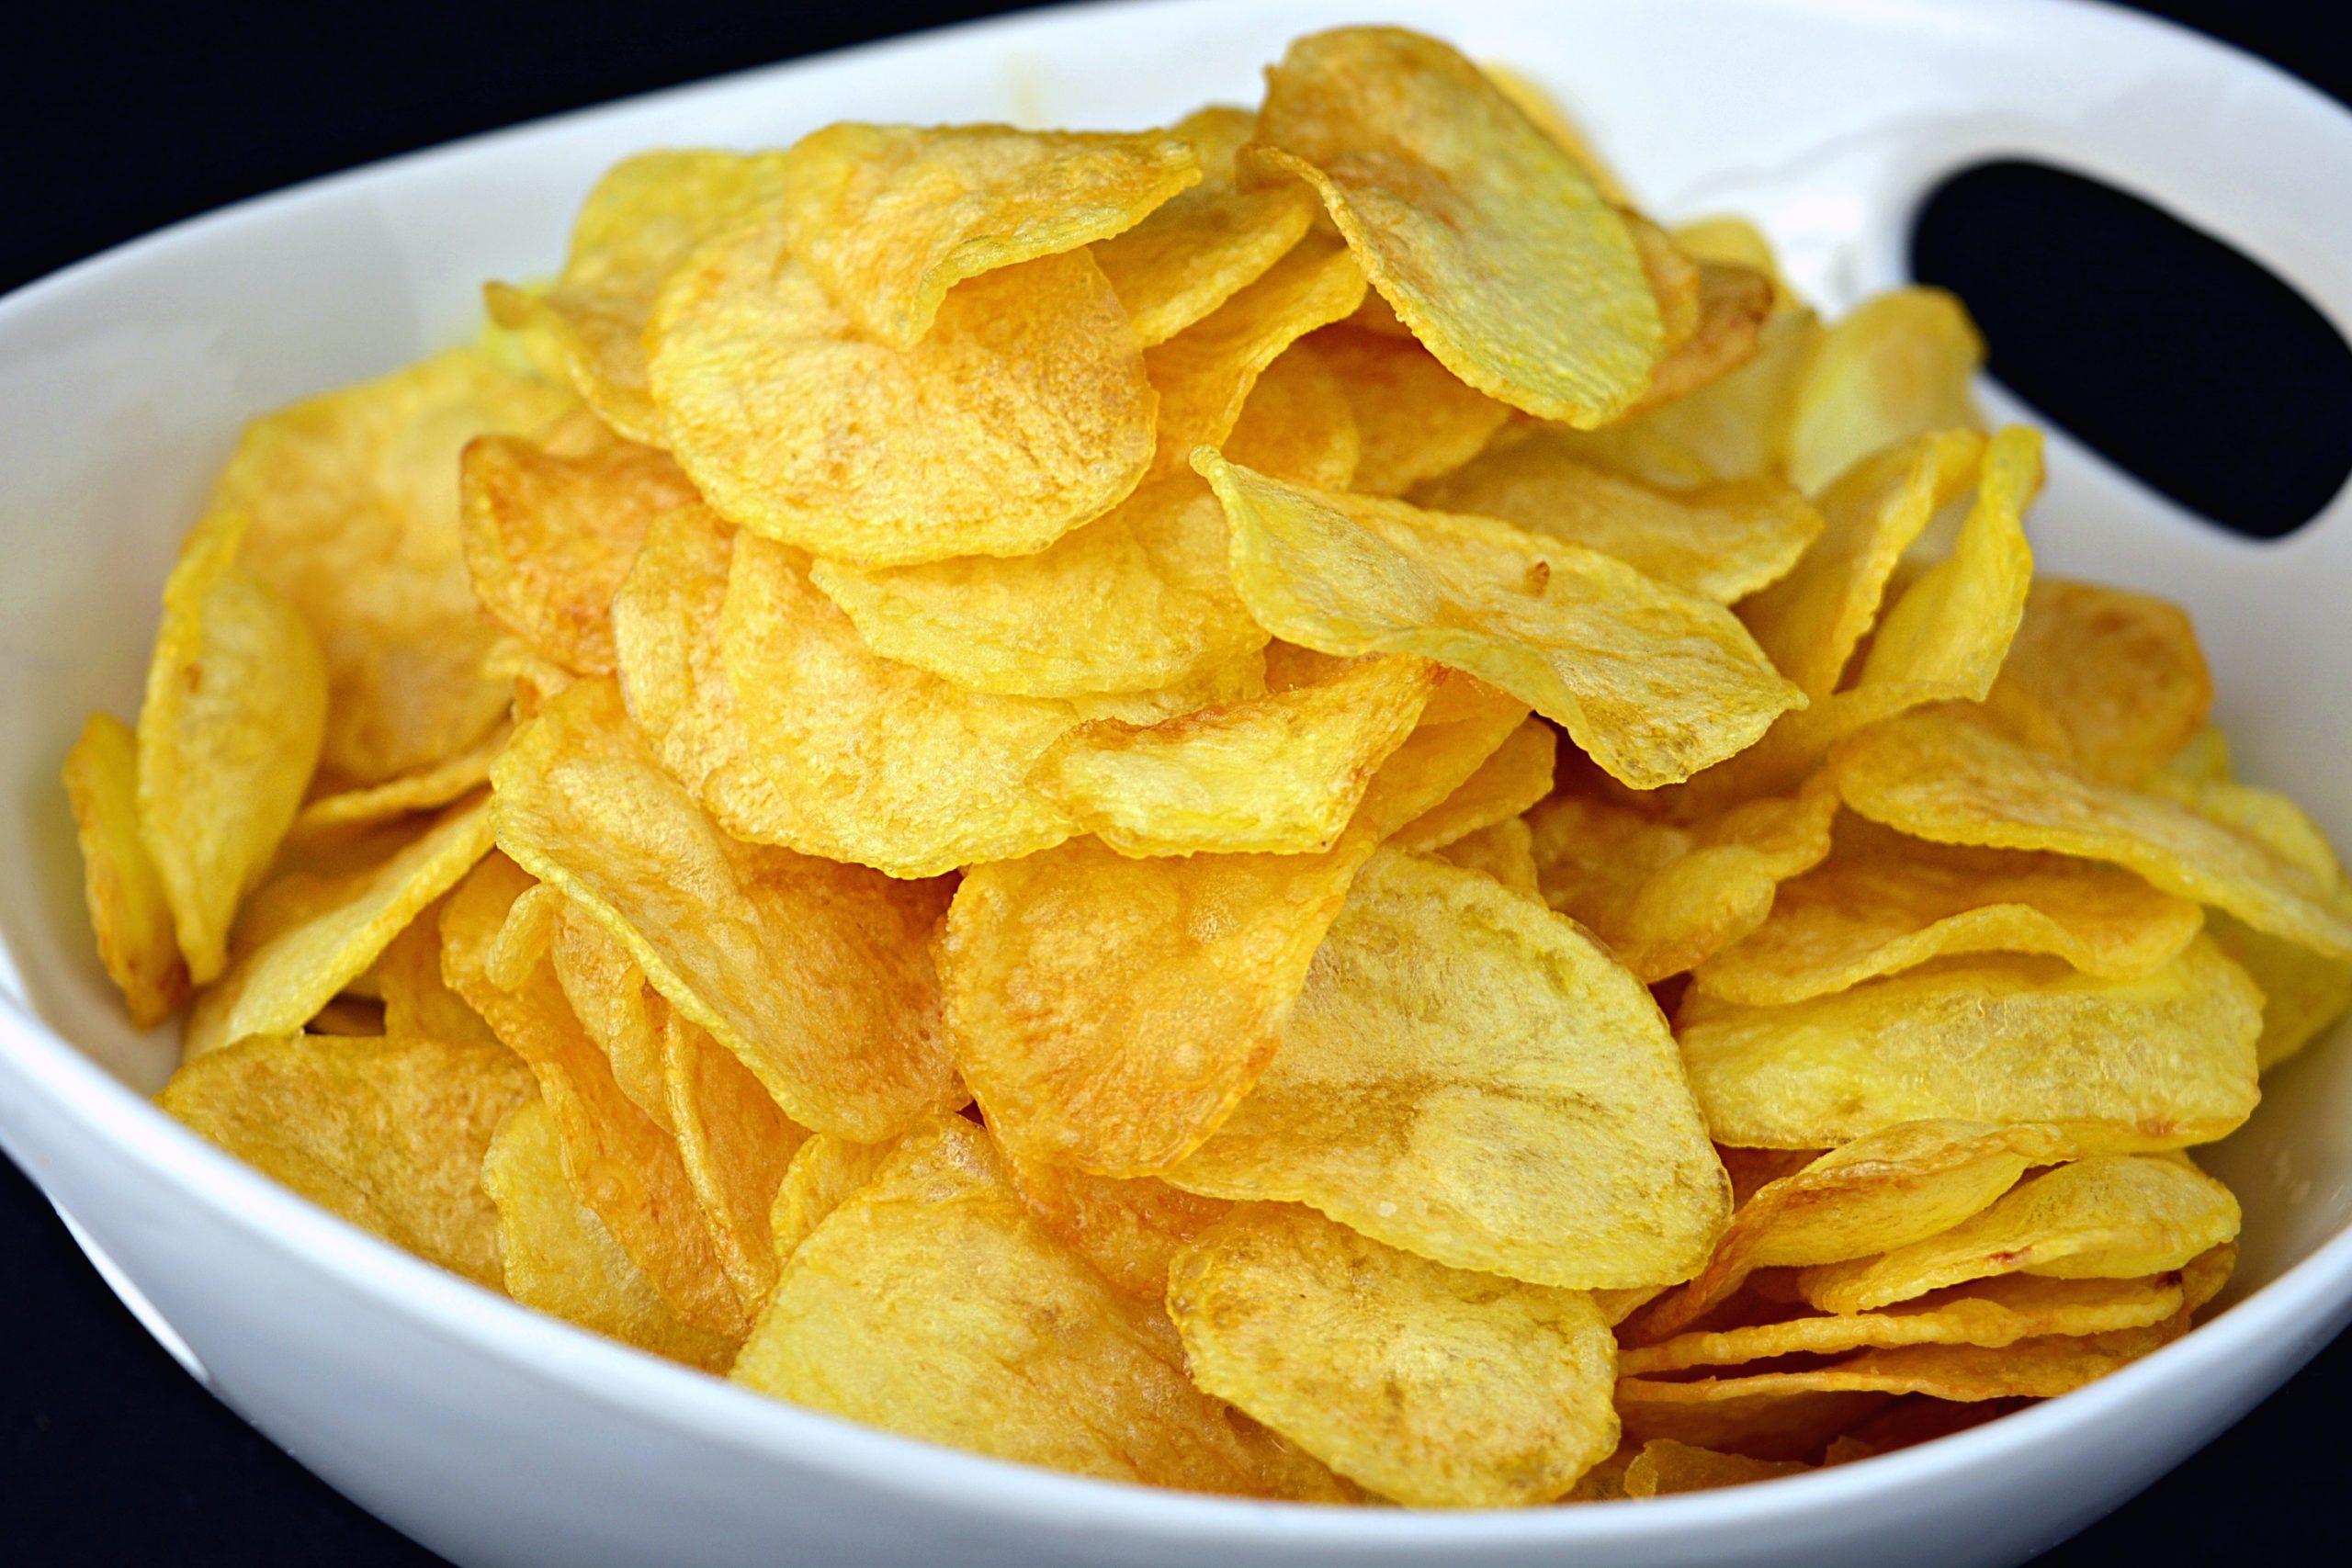 preparacion de patatas chips